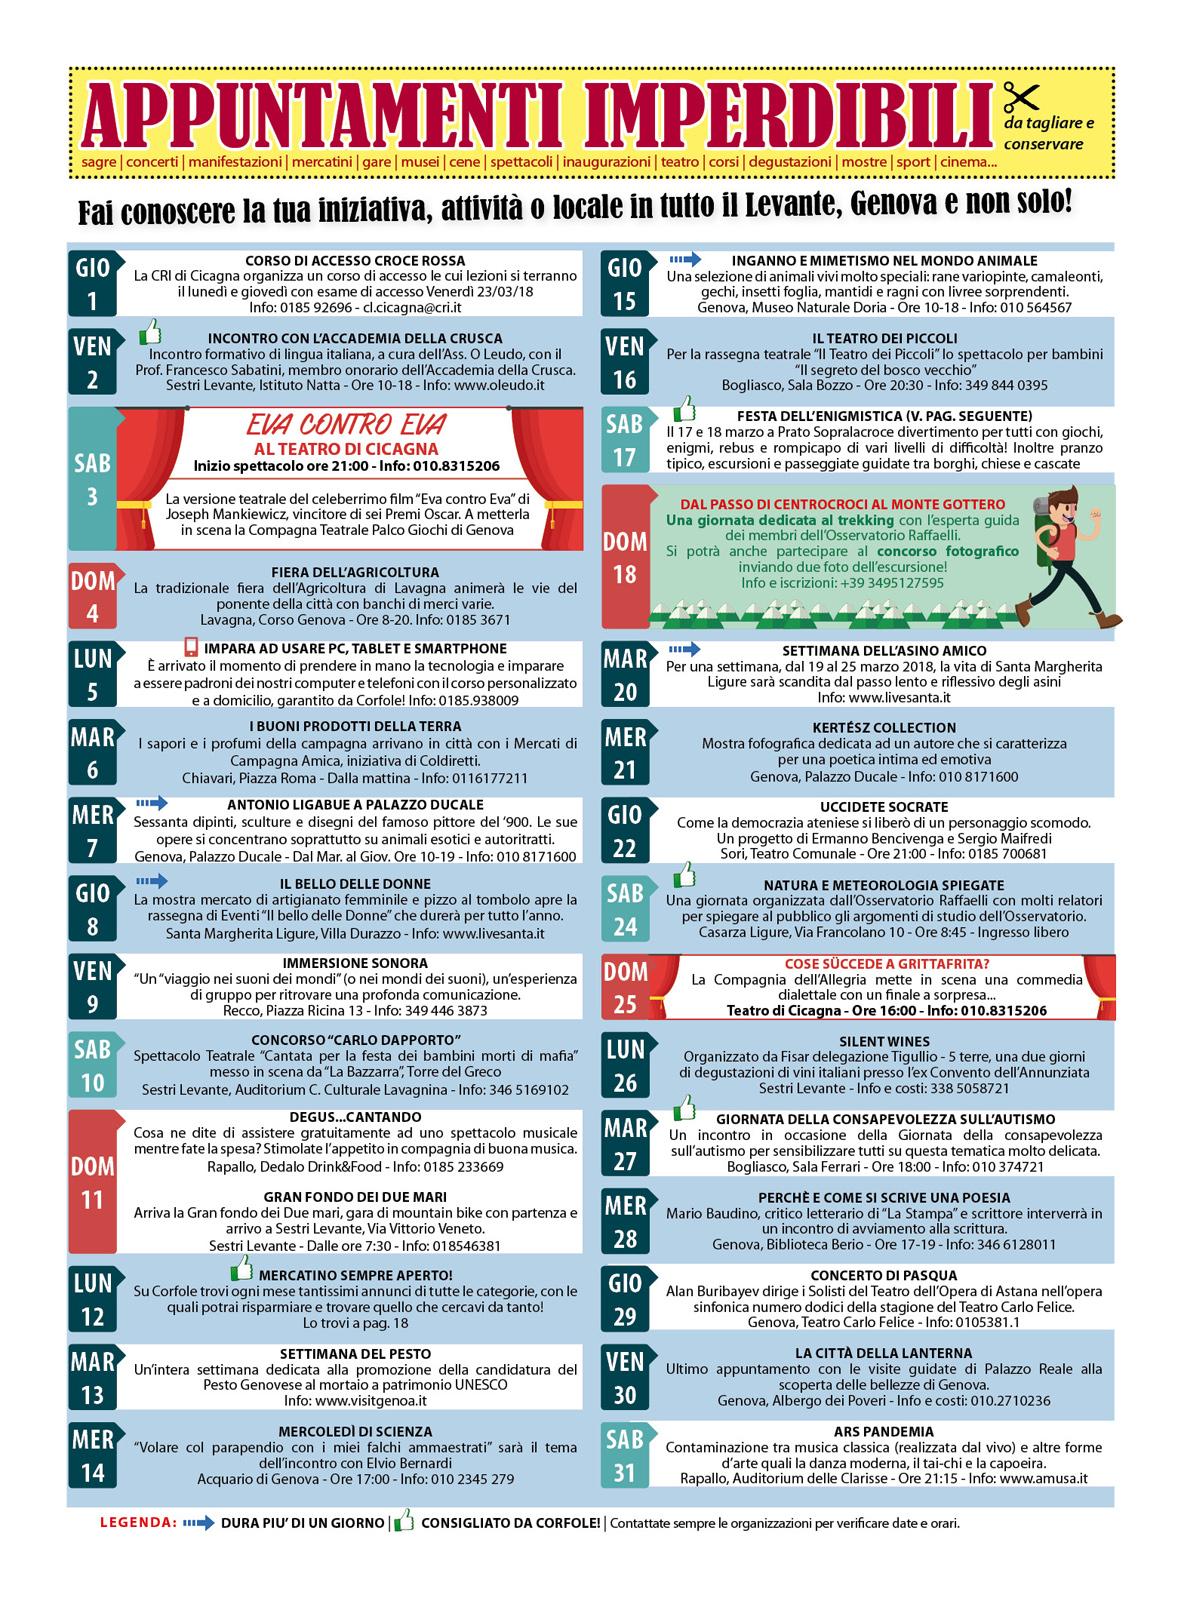 CALENDARIO EVENTI MARZO: sagre, mercatini, concerti, spettacoli, teatro, mostre, corsi, ristoranti e molto altro